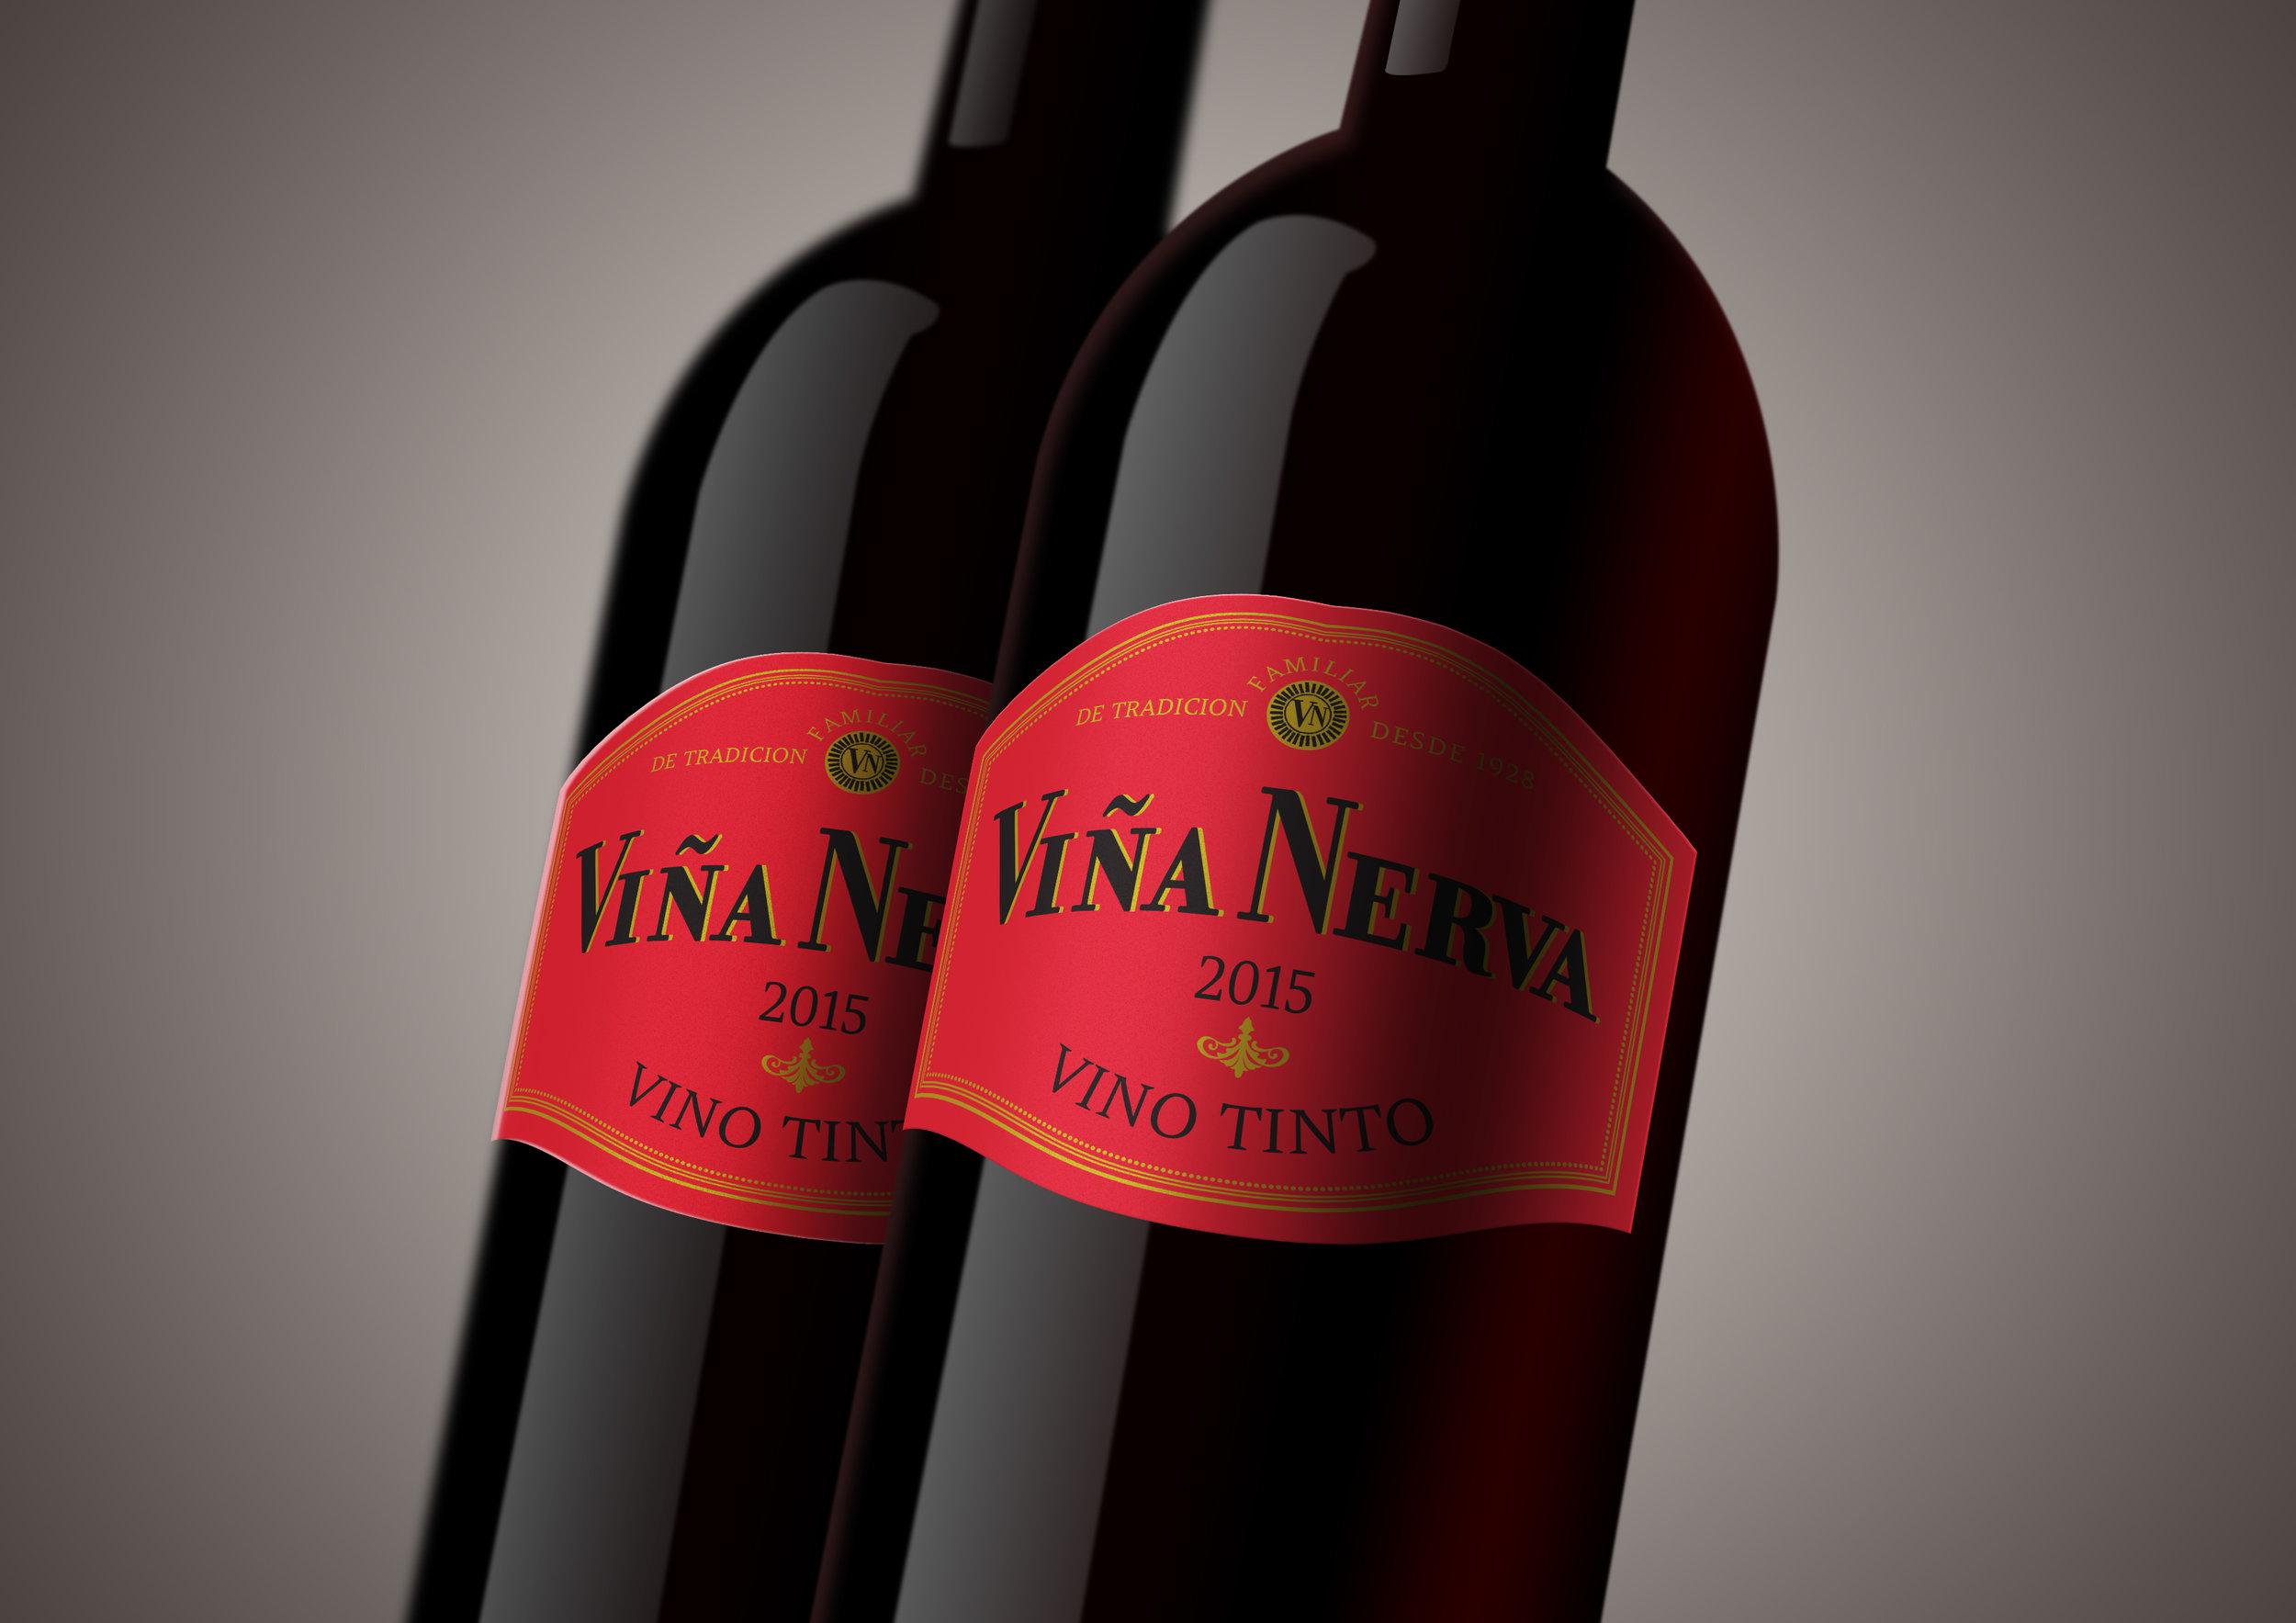 Vina Nerva 2 bottle shot.jpg